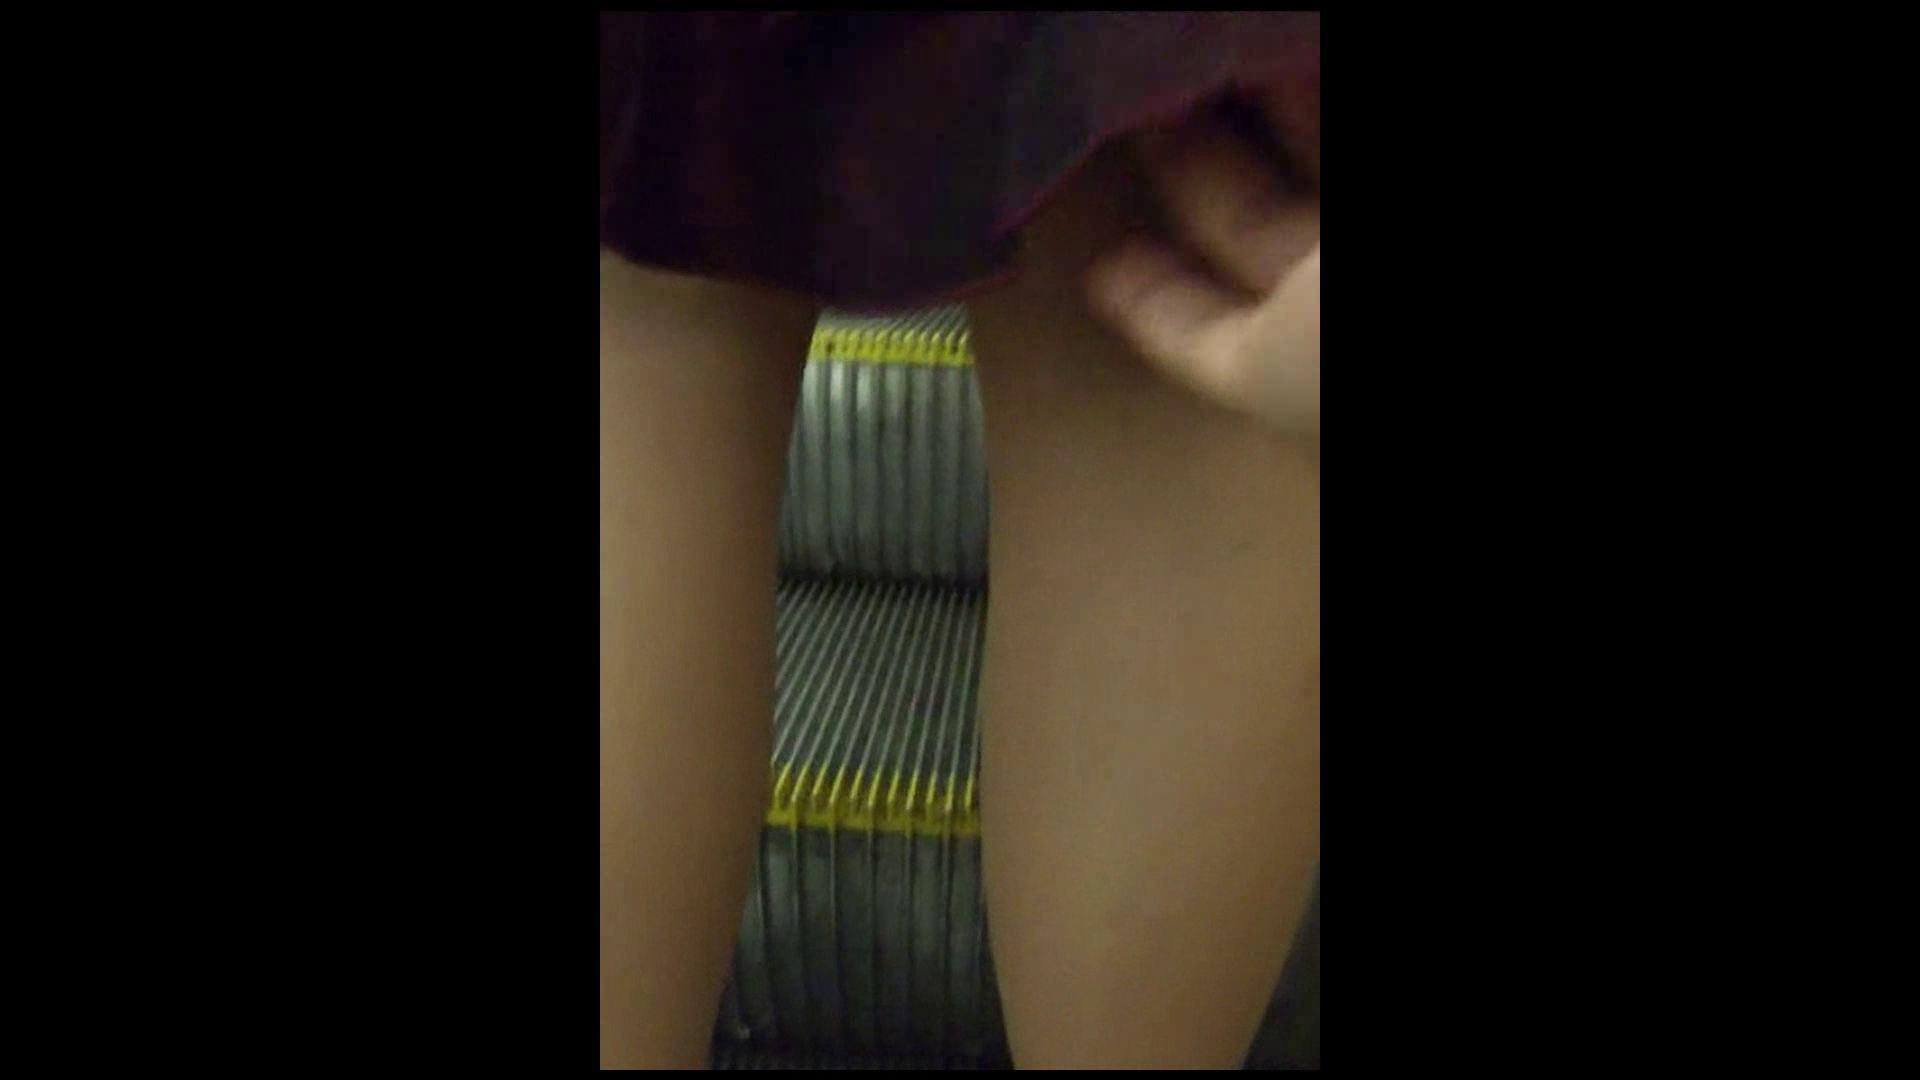 綺麗なモデルさんのスカート捲っちゃおう‼vol02 お姉さん エロ画像 82連発 47